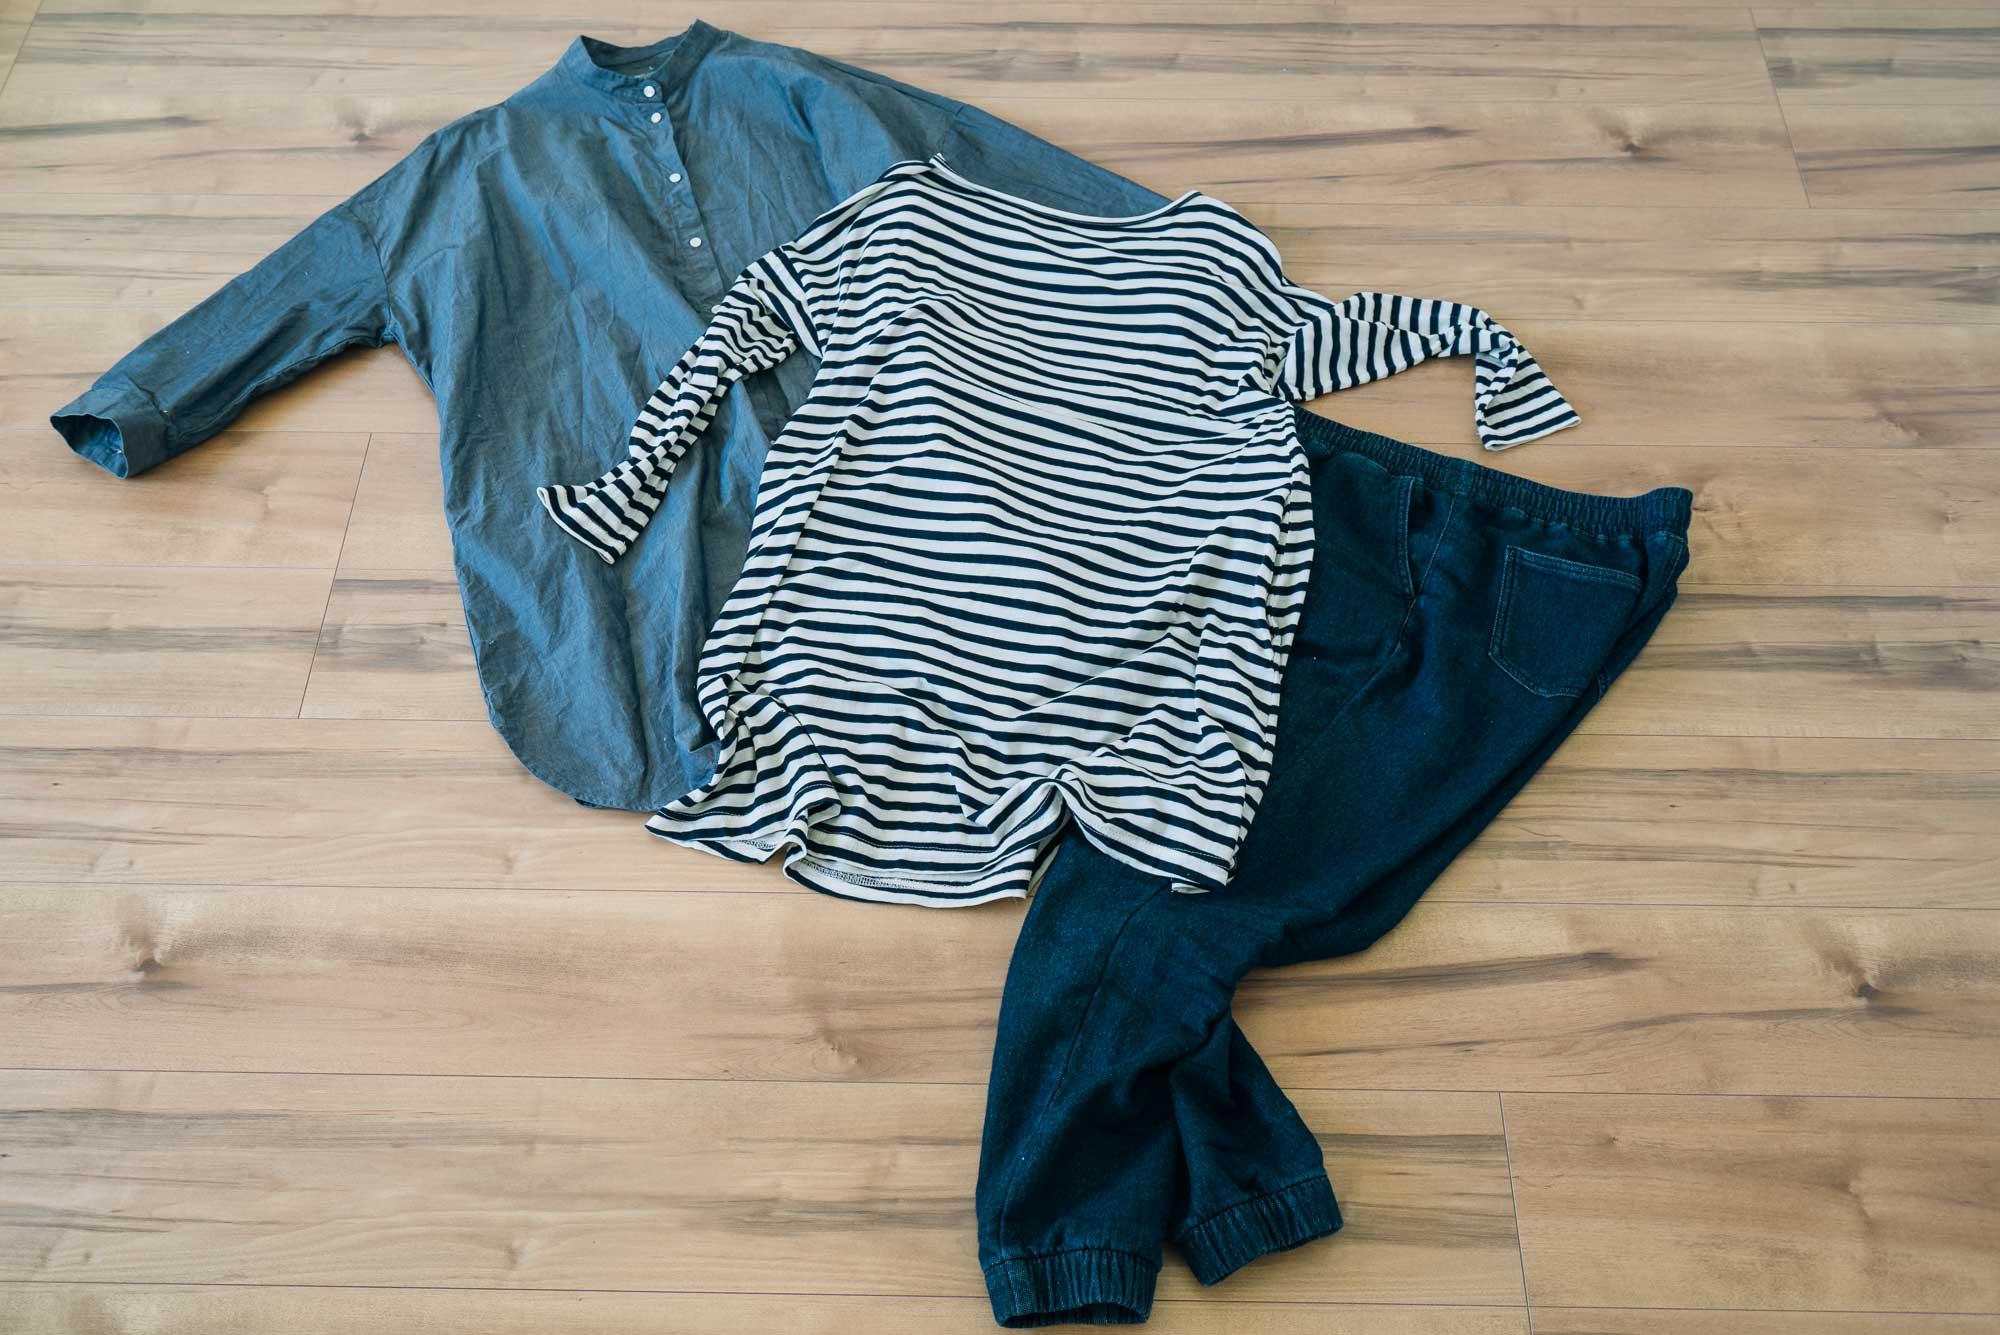 本多さんのお気に入りの服たち。どんな組み合わせでも似合うから、服選びにも時間がとられない。